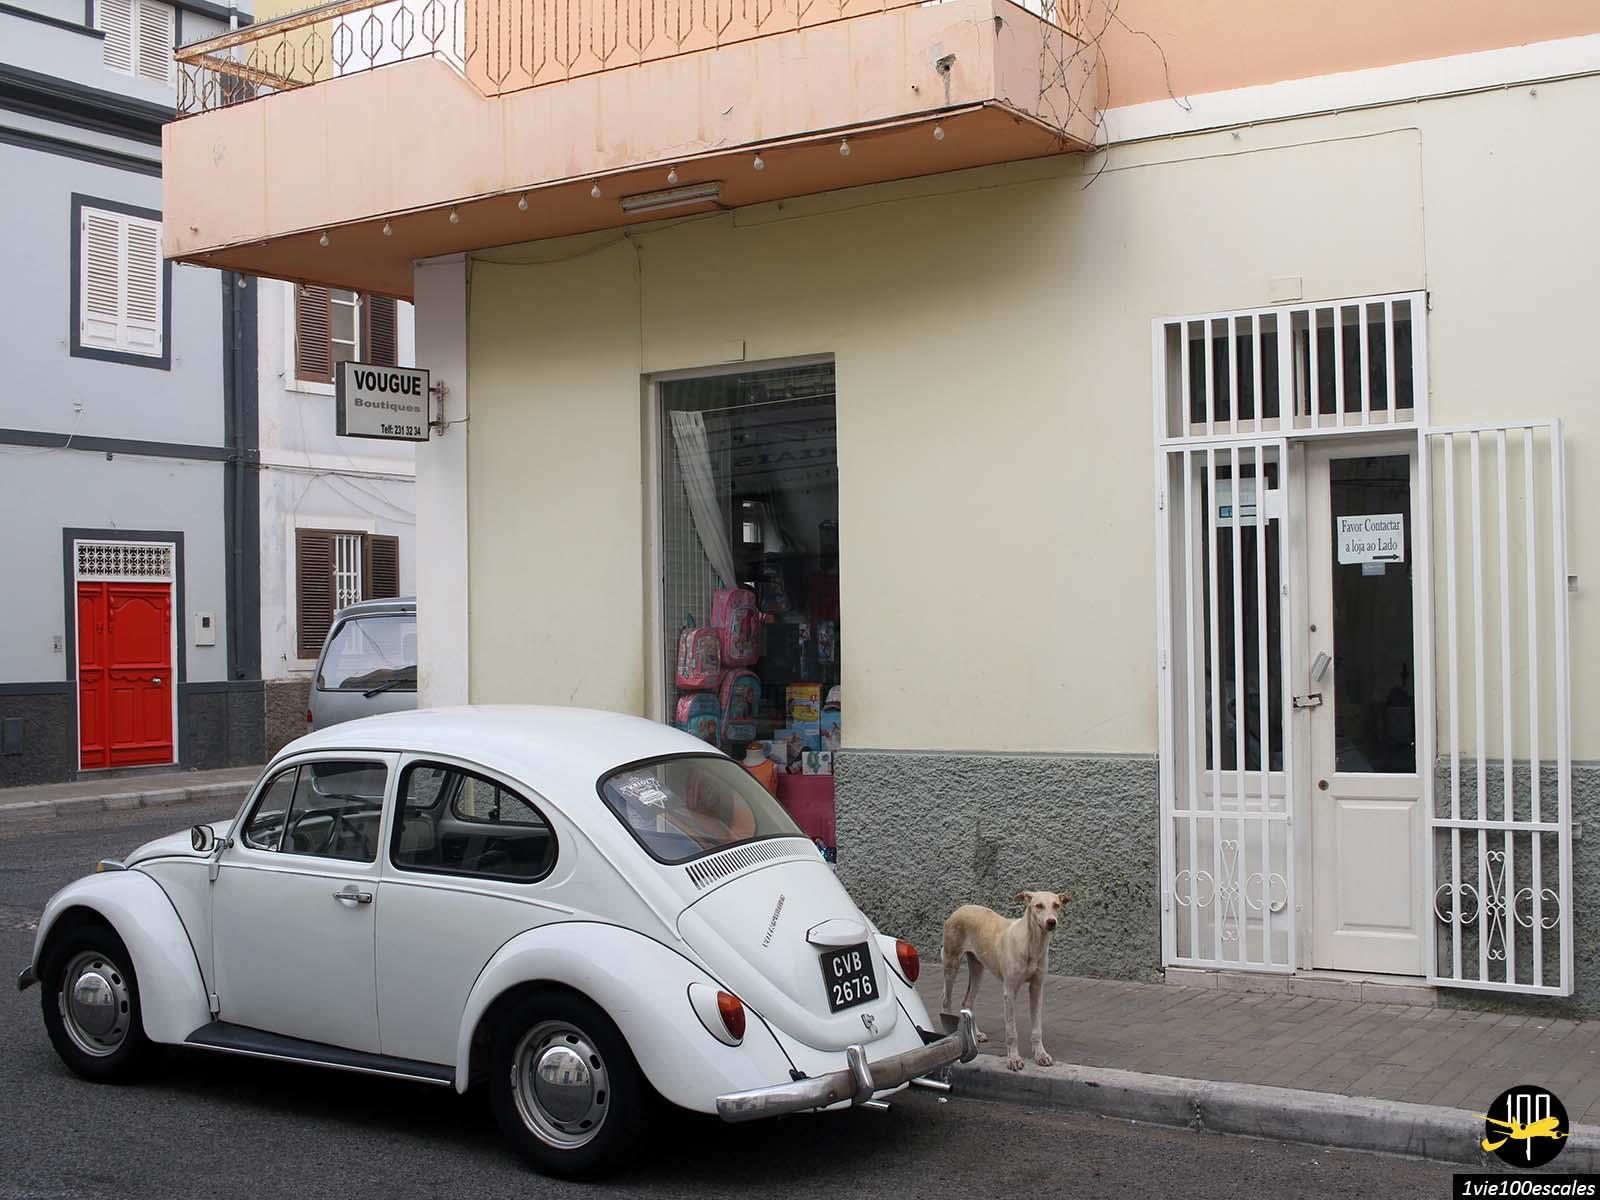 Les anciennes voitures dans la rue à Mindelo sur l'île de Sao Vicente